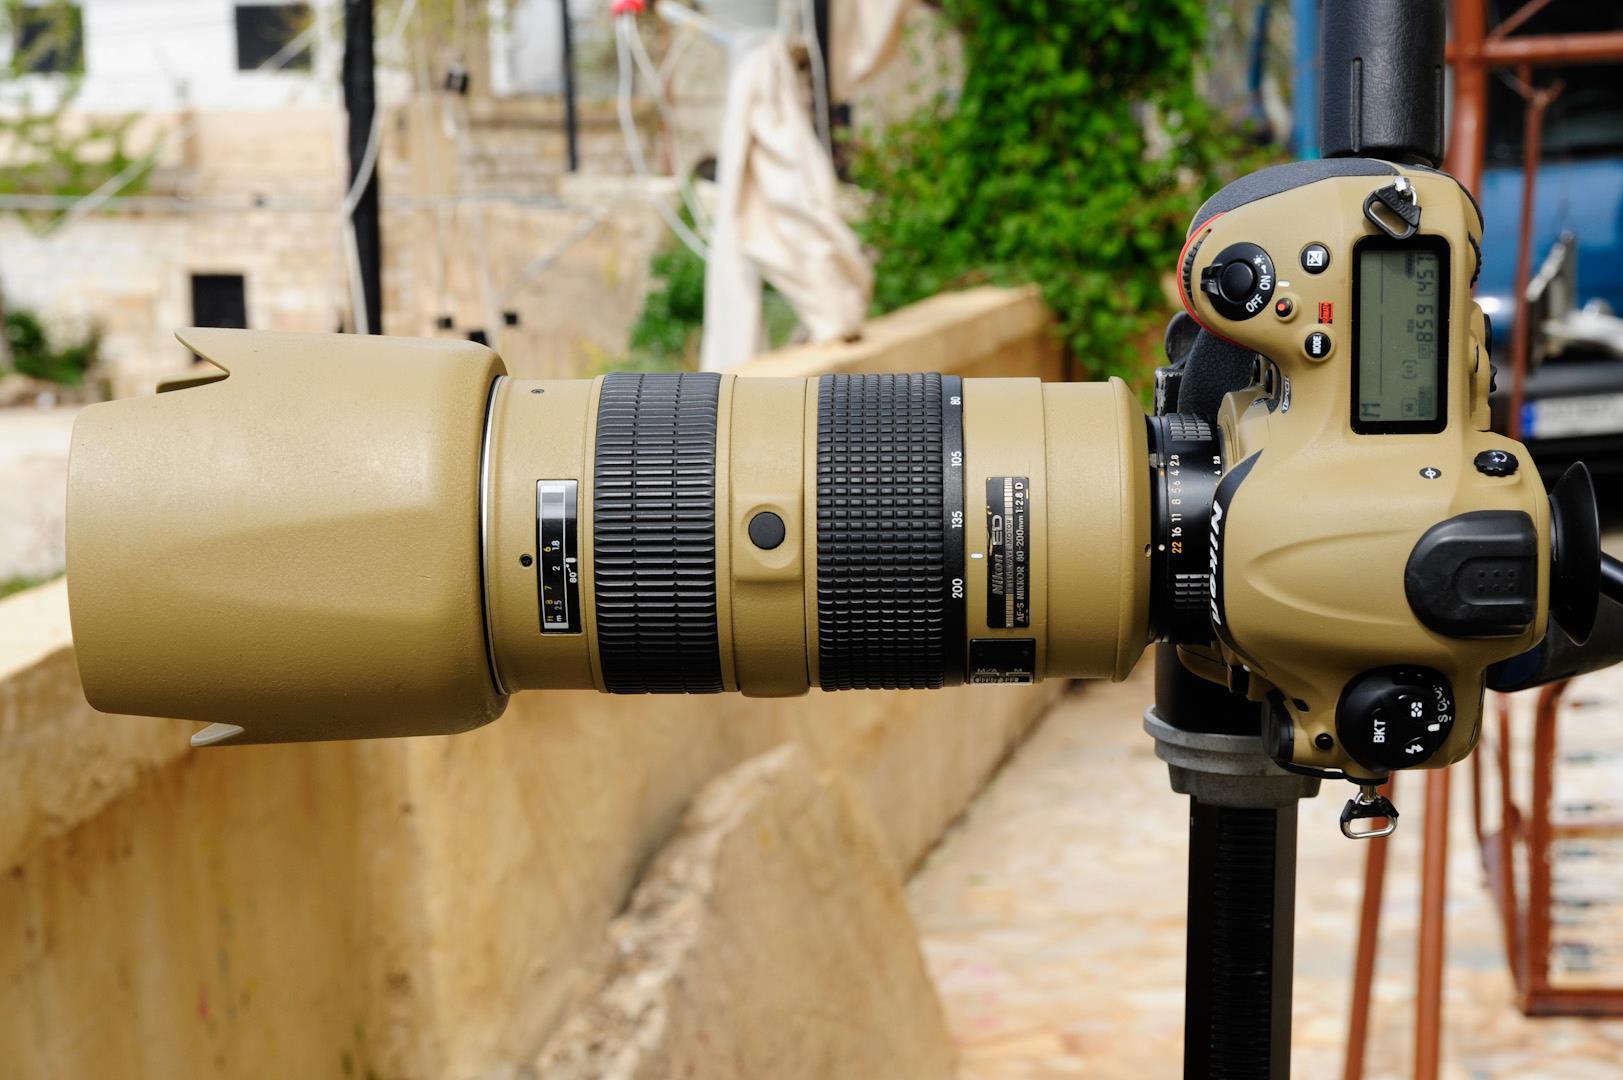 Lens coupon